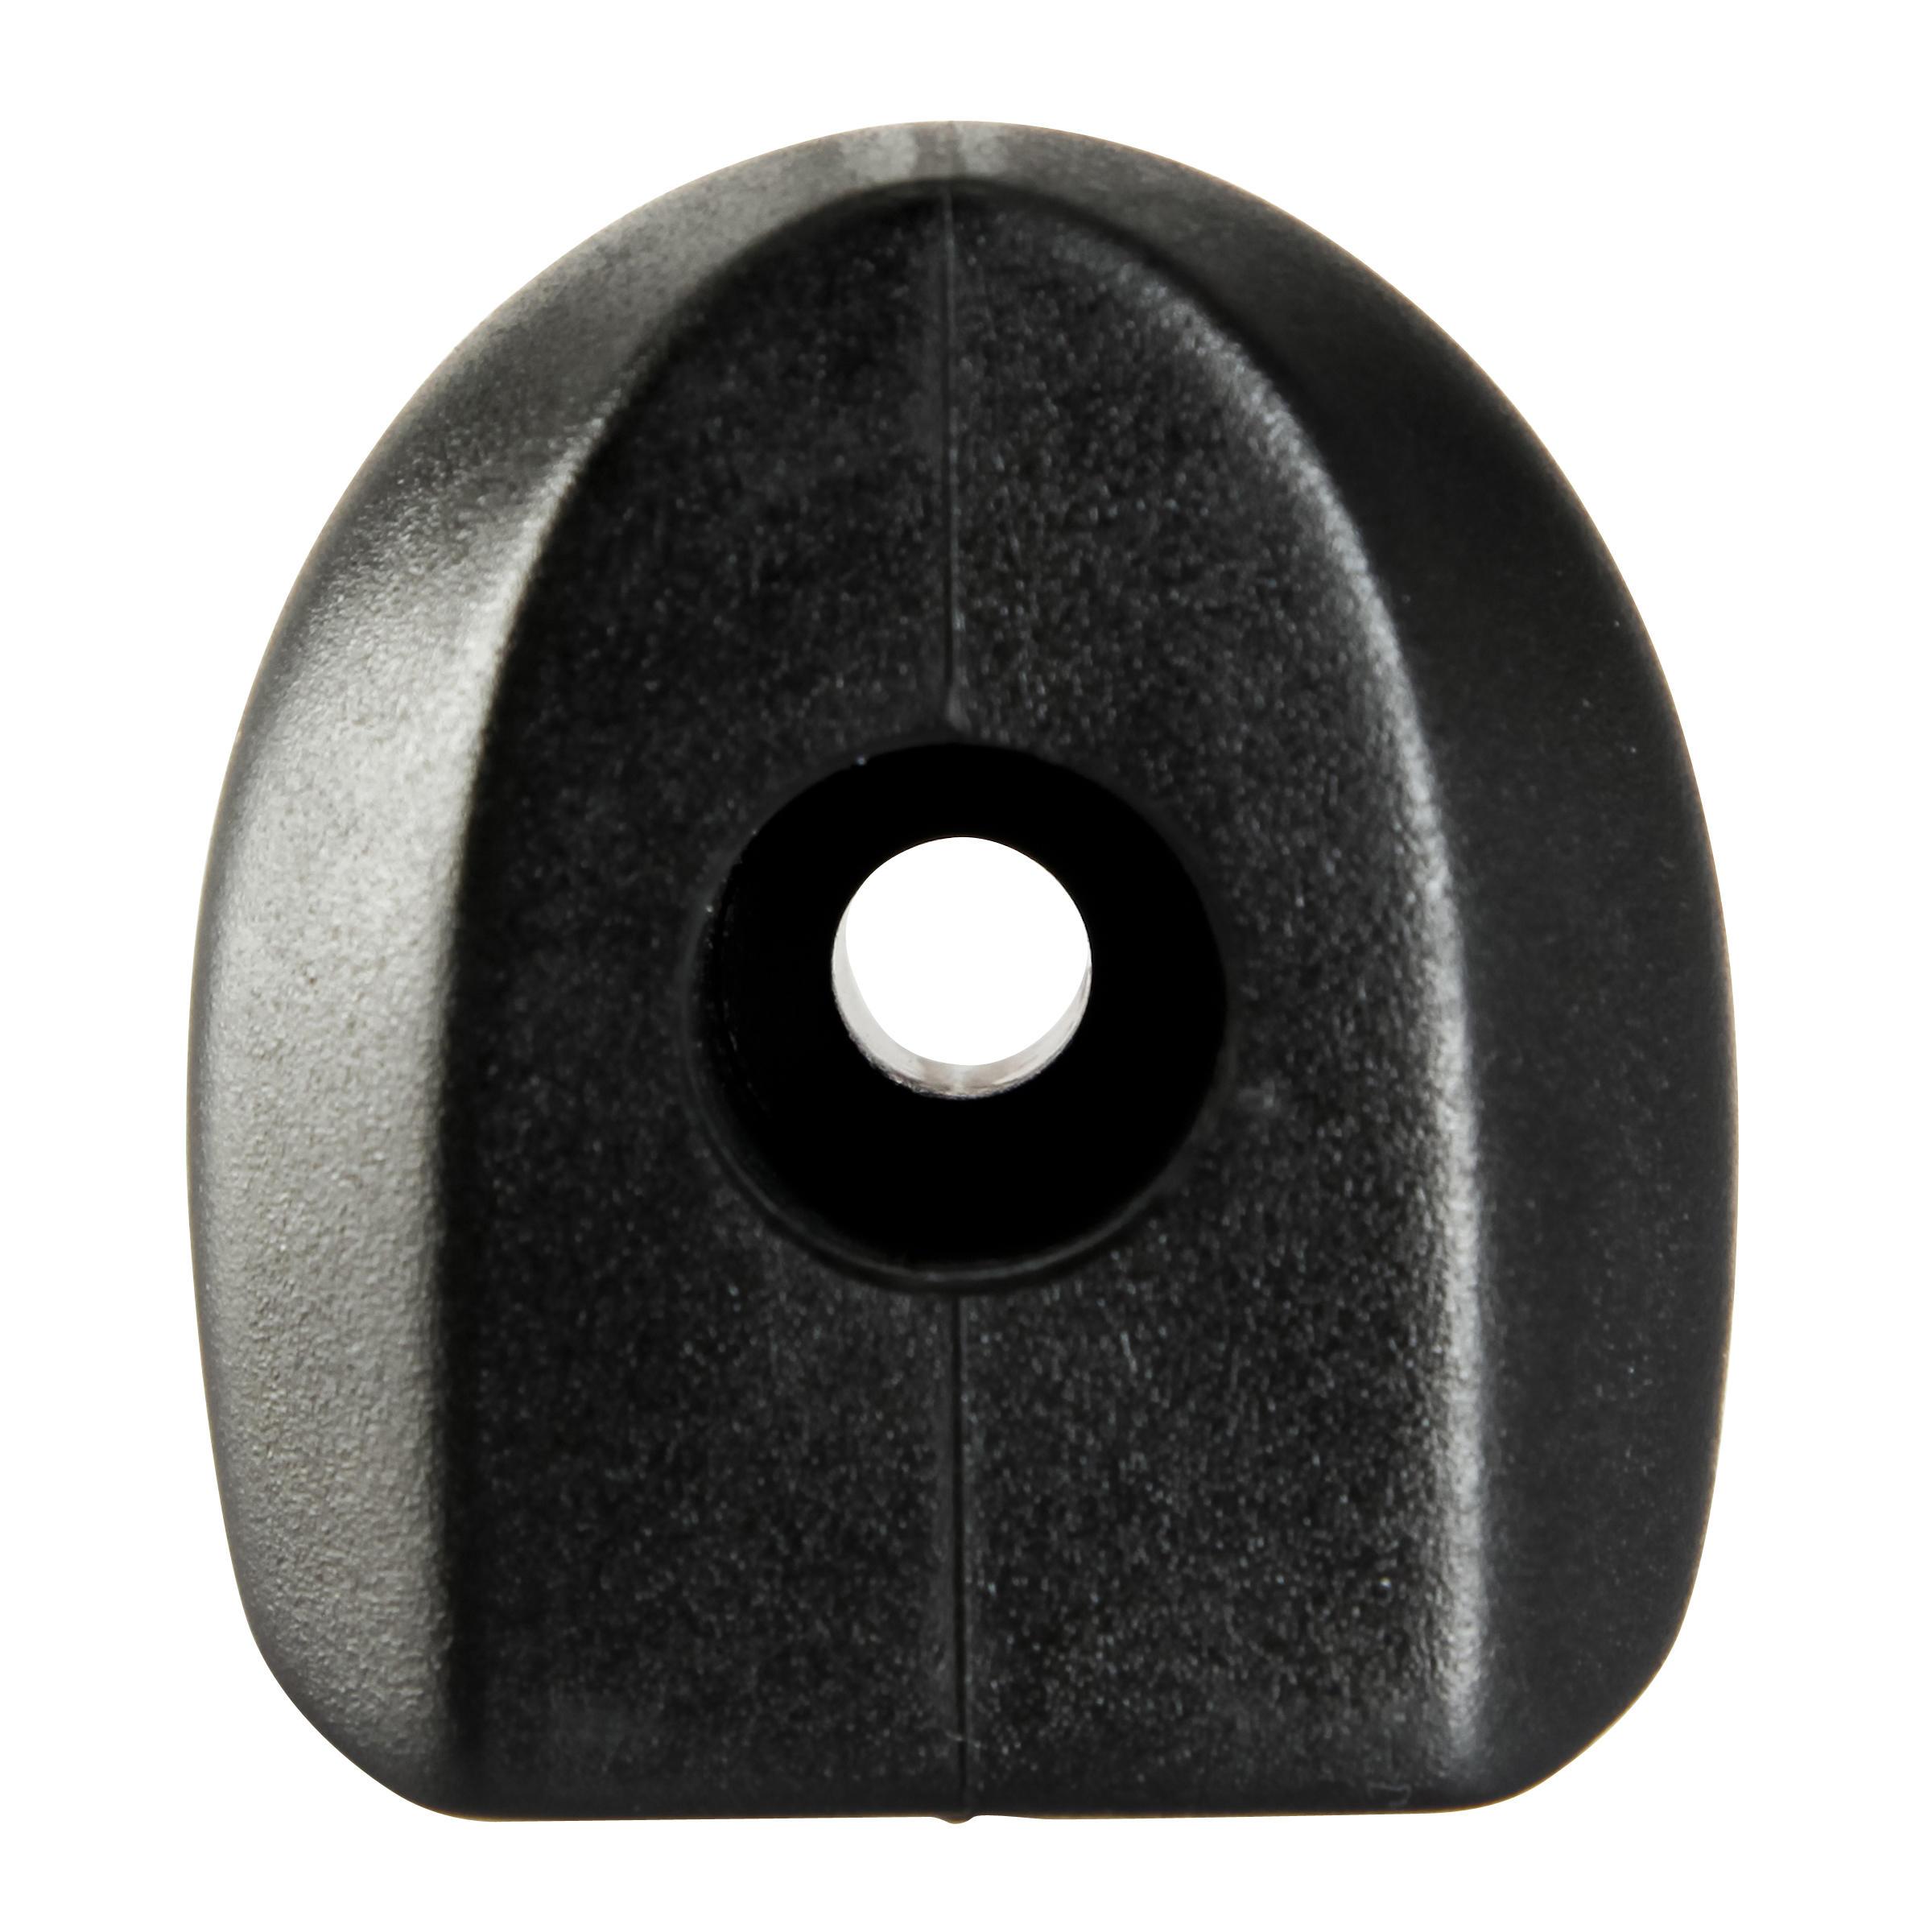 Fit 3 / Fit 5 / Fit 3 Jr / Fit 7 Jr / Play 7 Brake Pads - Black